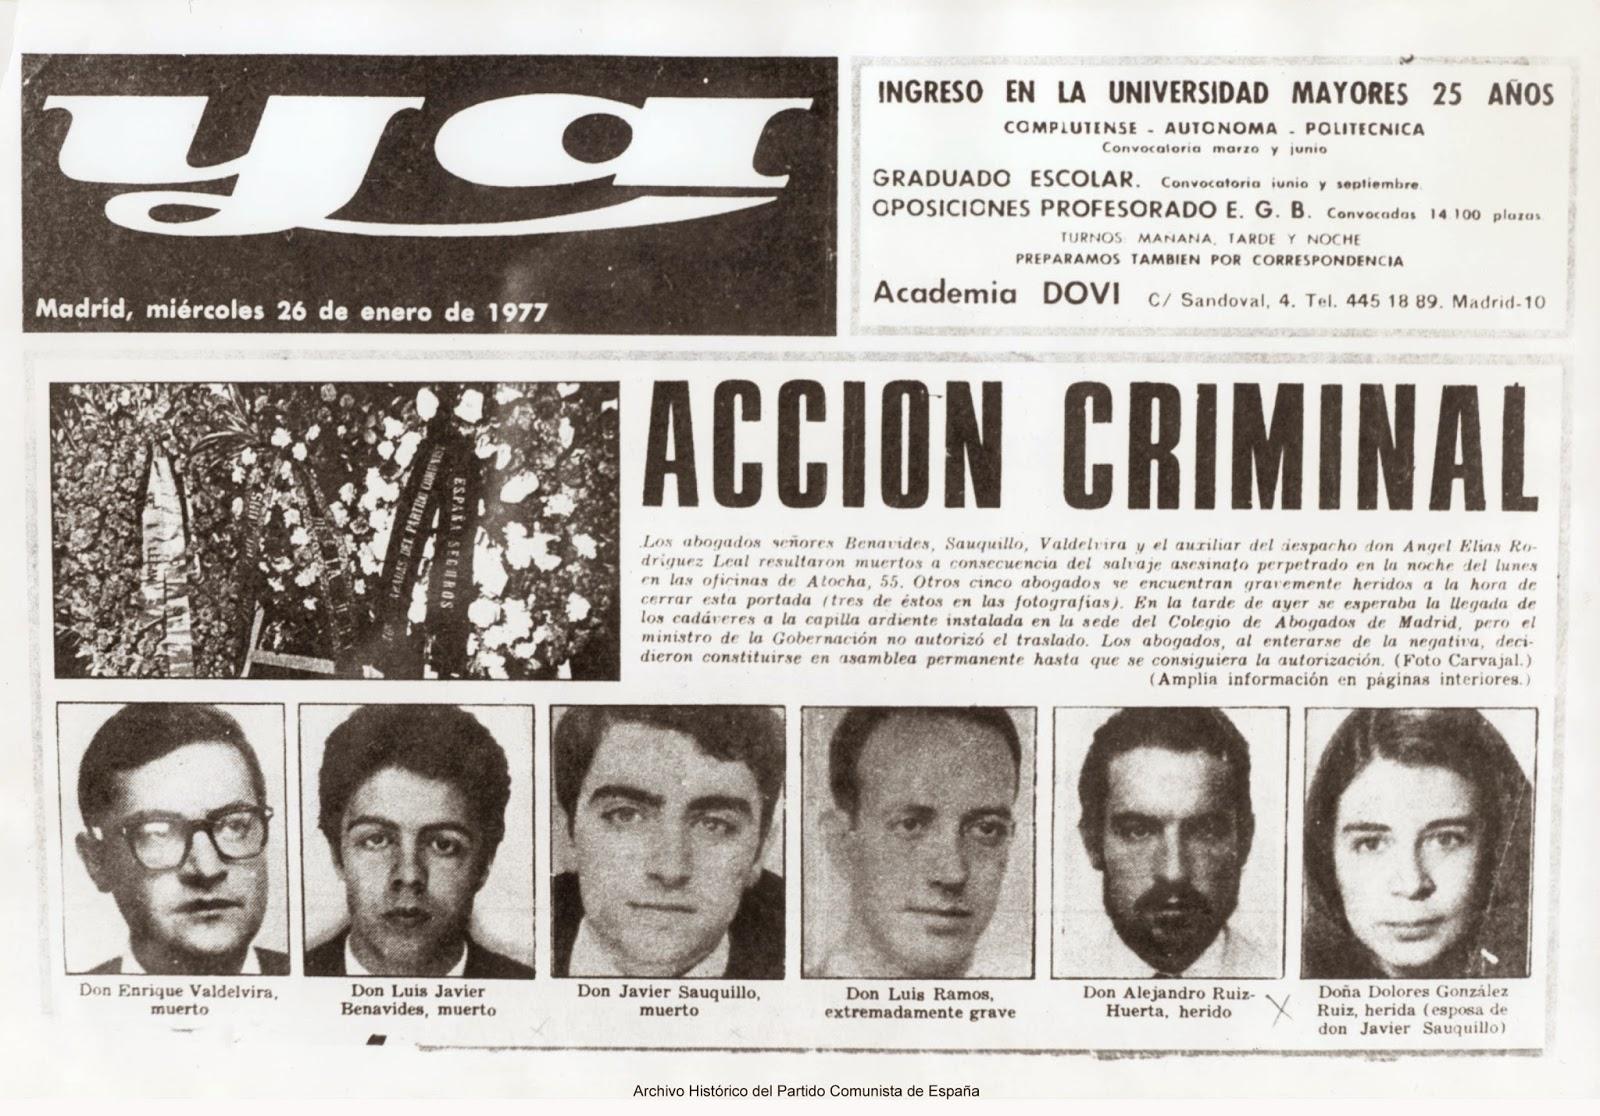 Portada del diario  Ya  tras los atentados de Atocha (26 de enero de 1977)